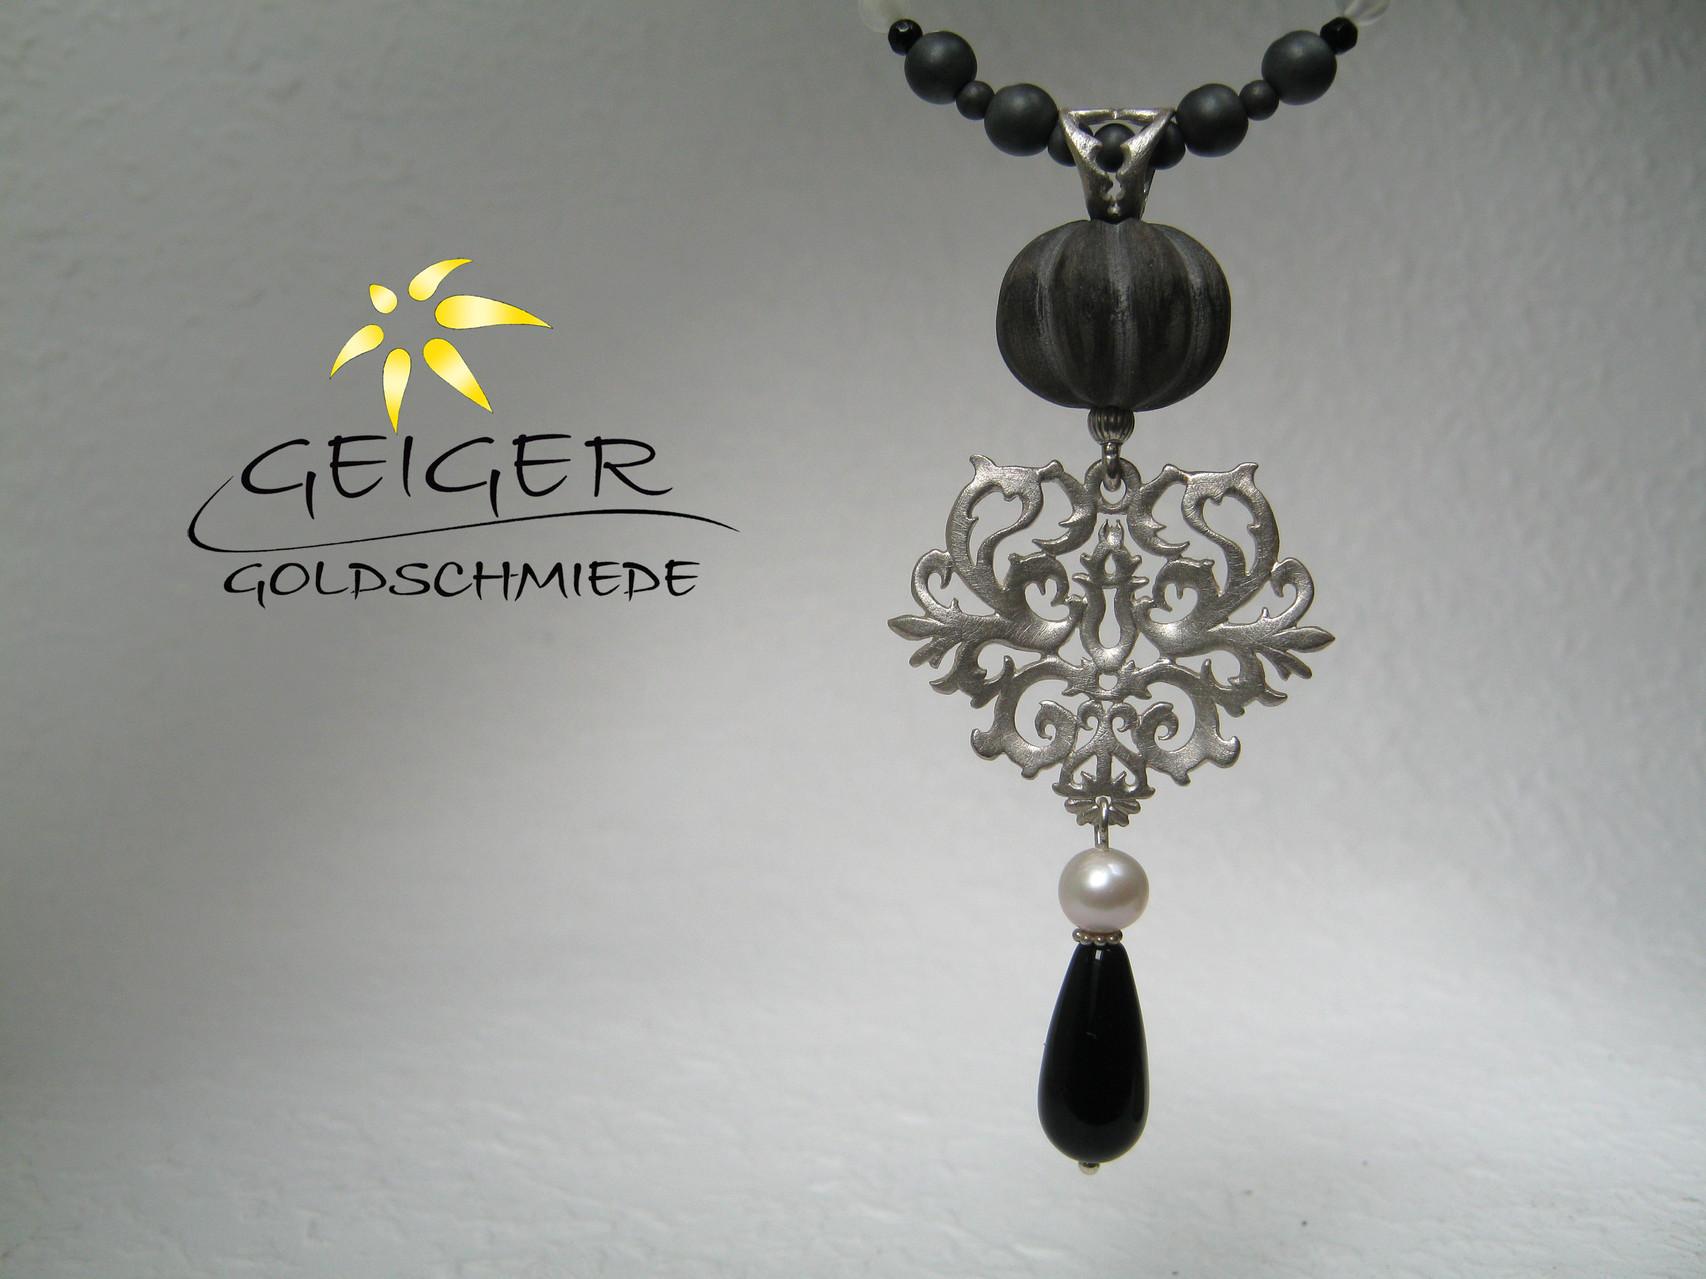 Geiger Goldschmiede Mainz Silberanhänger  Goldschmiedekunst in Formvollendung